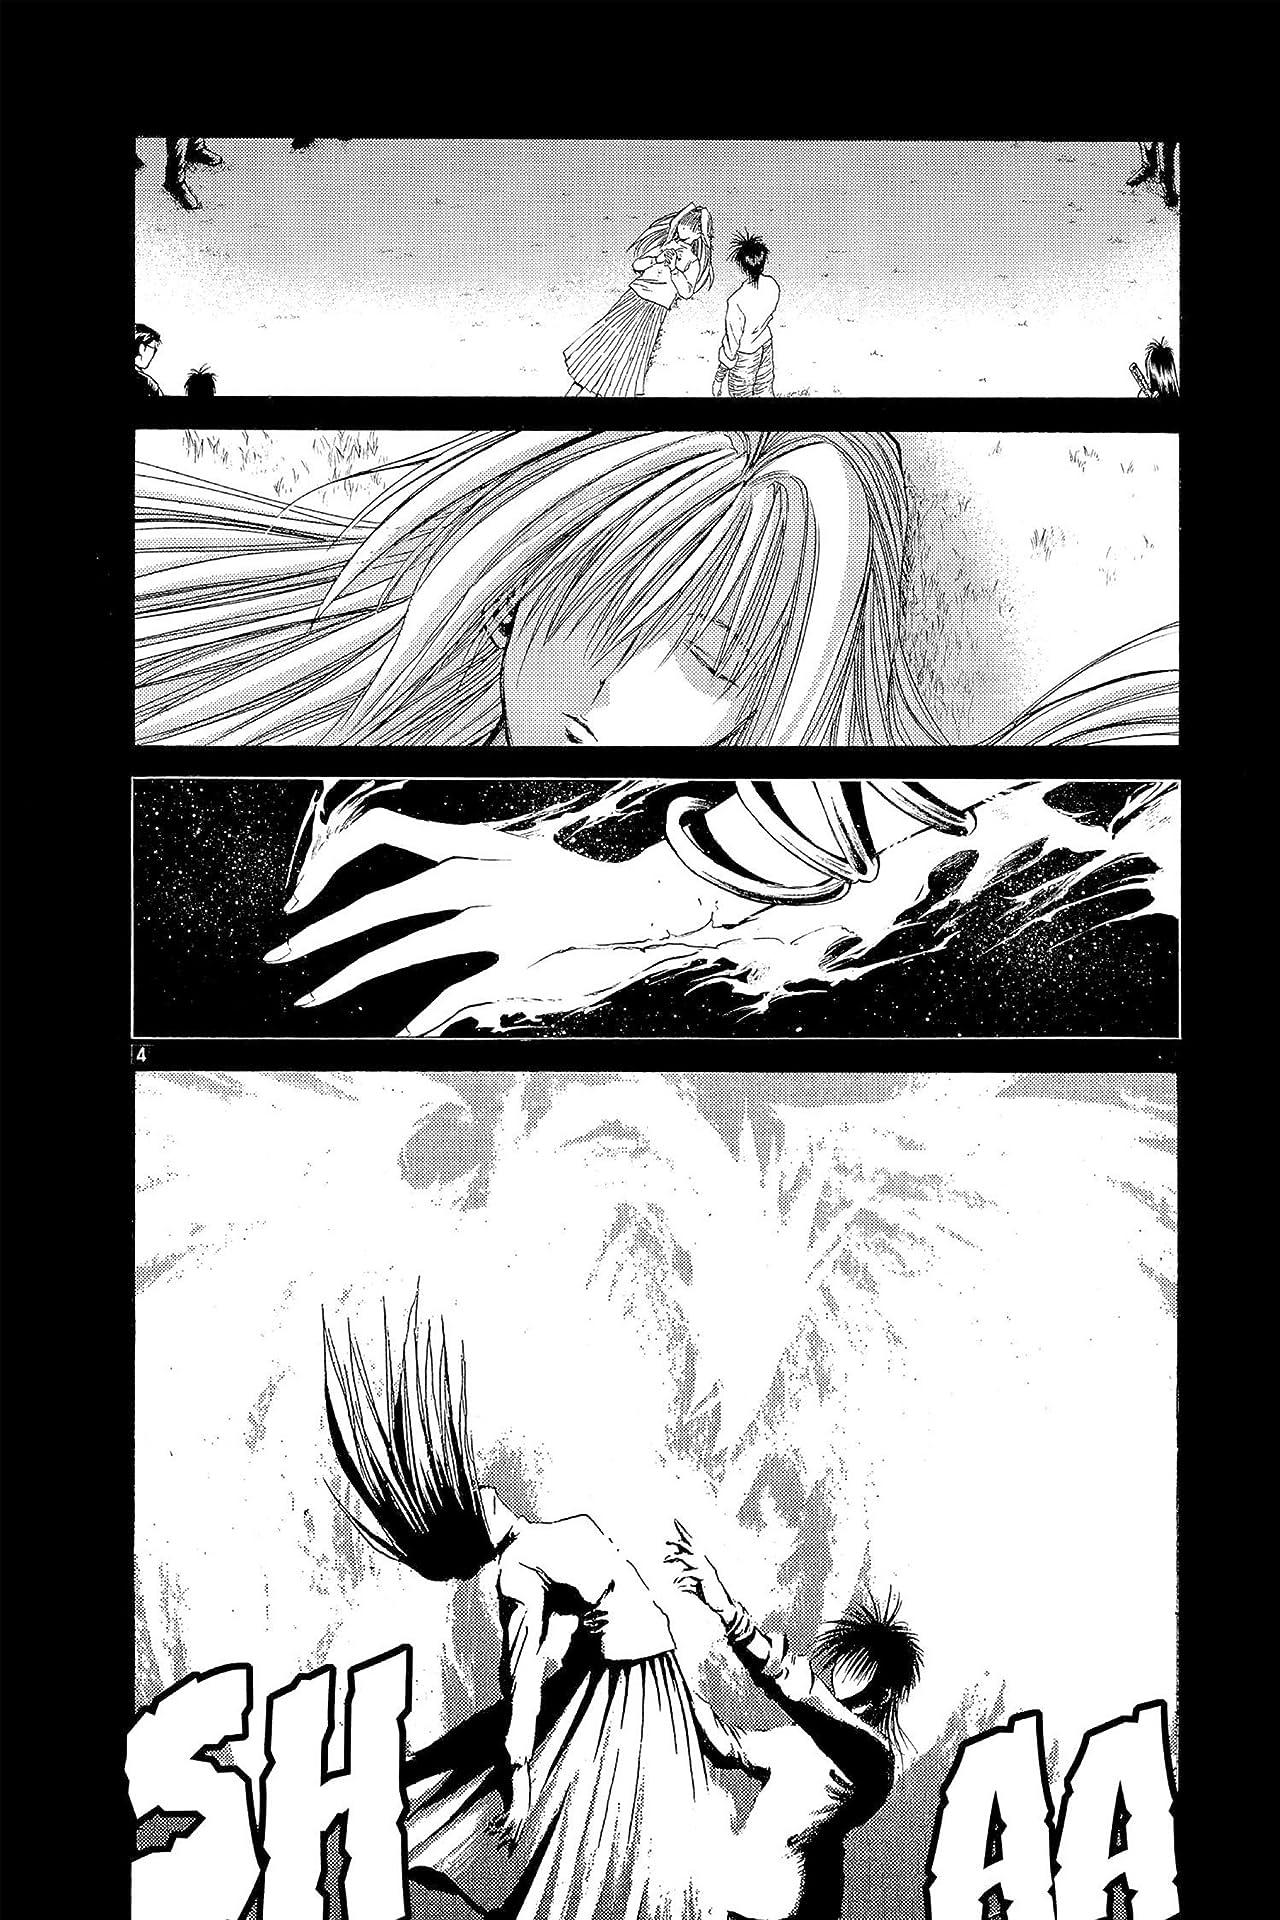 Flame of Recca Vol. 24